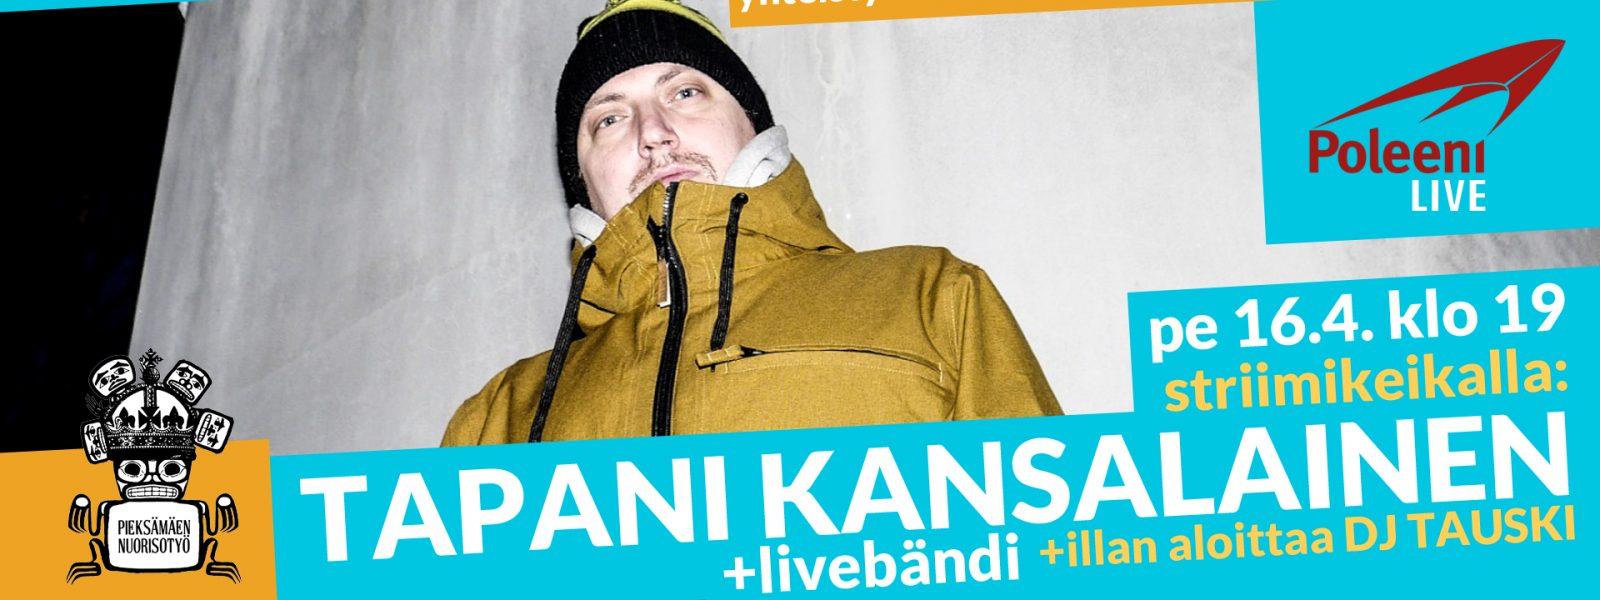 Poleeni LIVE: Tapani Kansalainen -livebändi